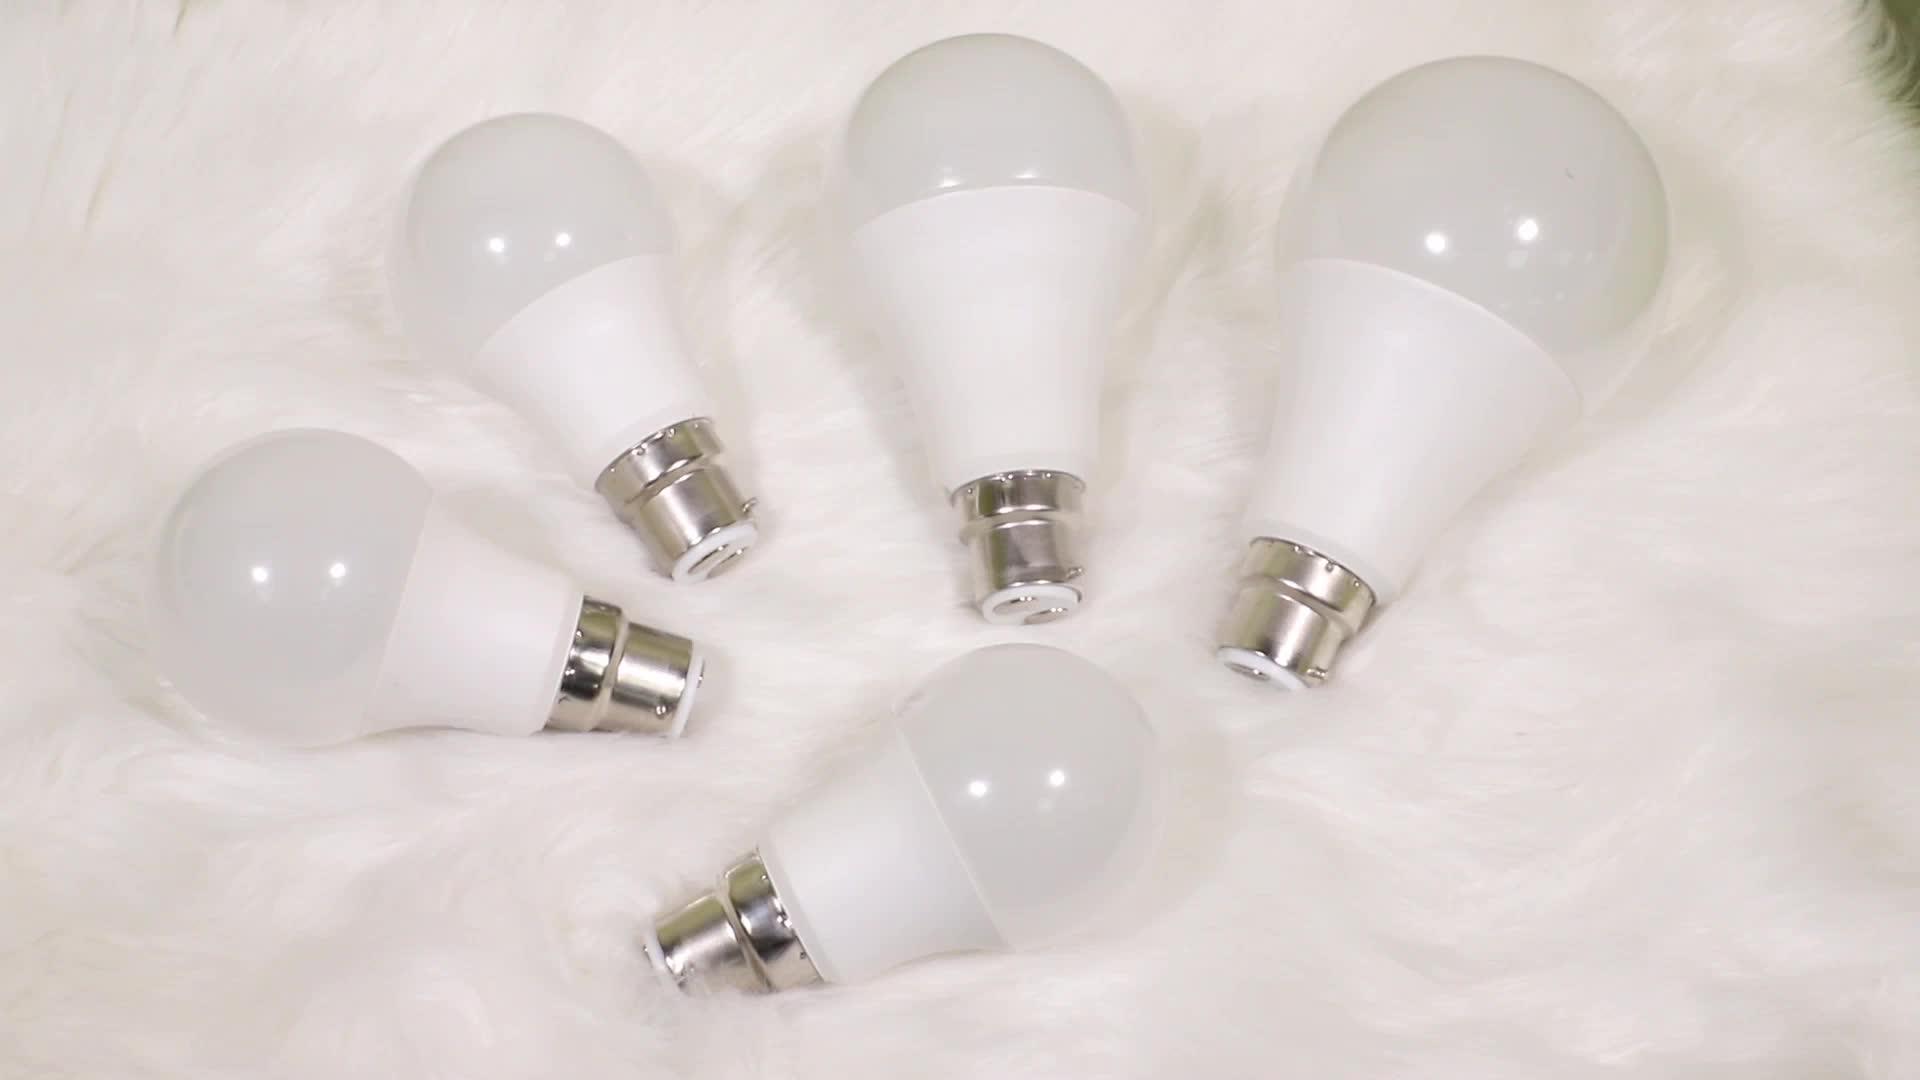 Bán Nóng Năng Lượng Tiết Kiệm Nhôm 5 W 7 W 9 W 12 W 15 W 18 W E27 LED Bóng Đèn đèn